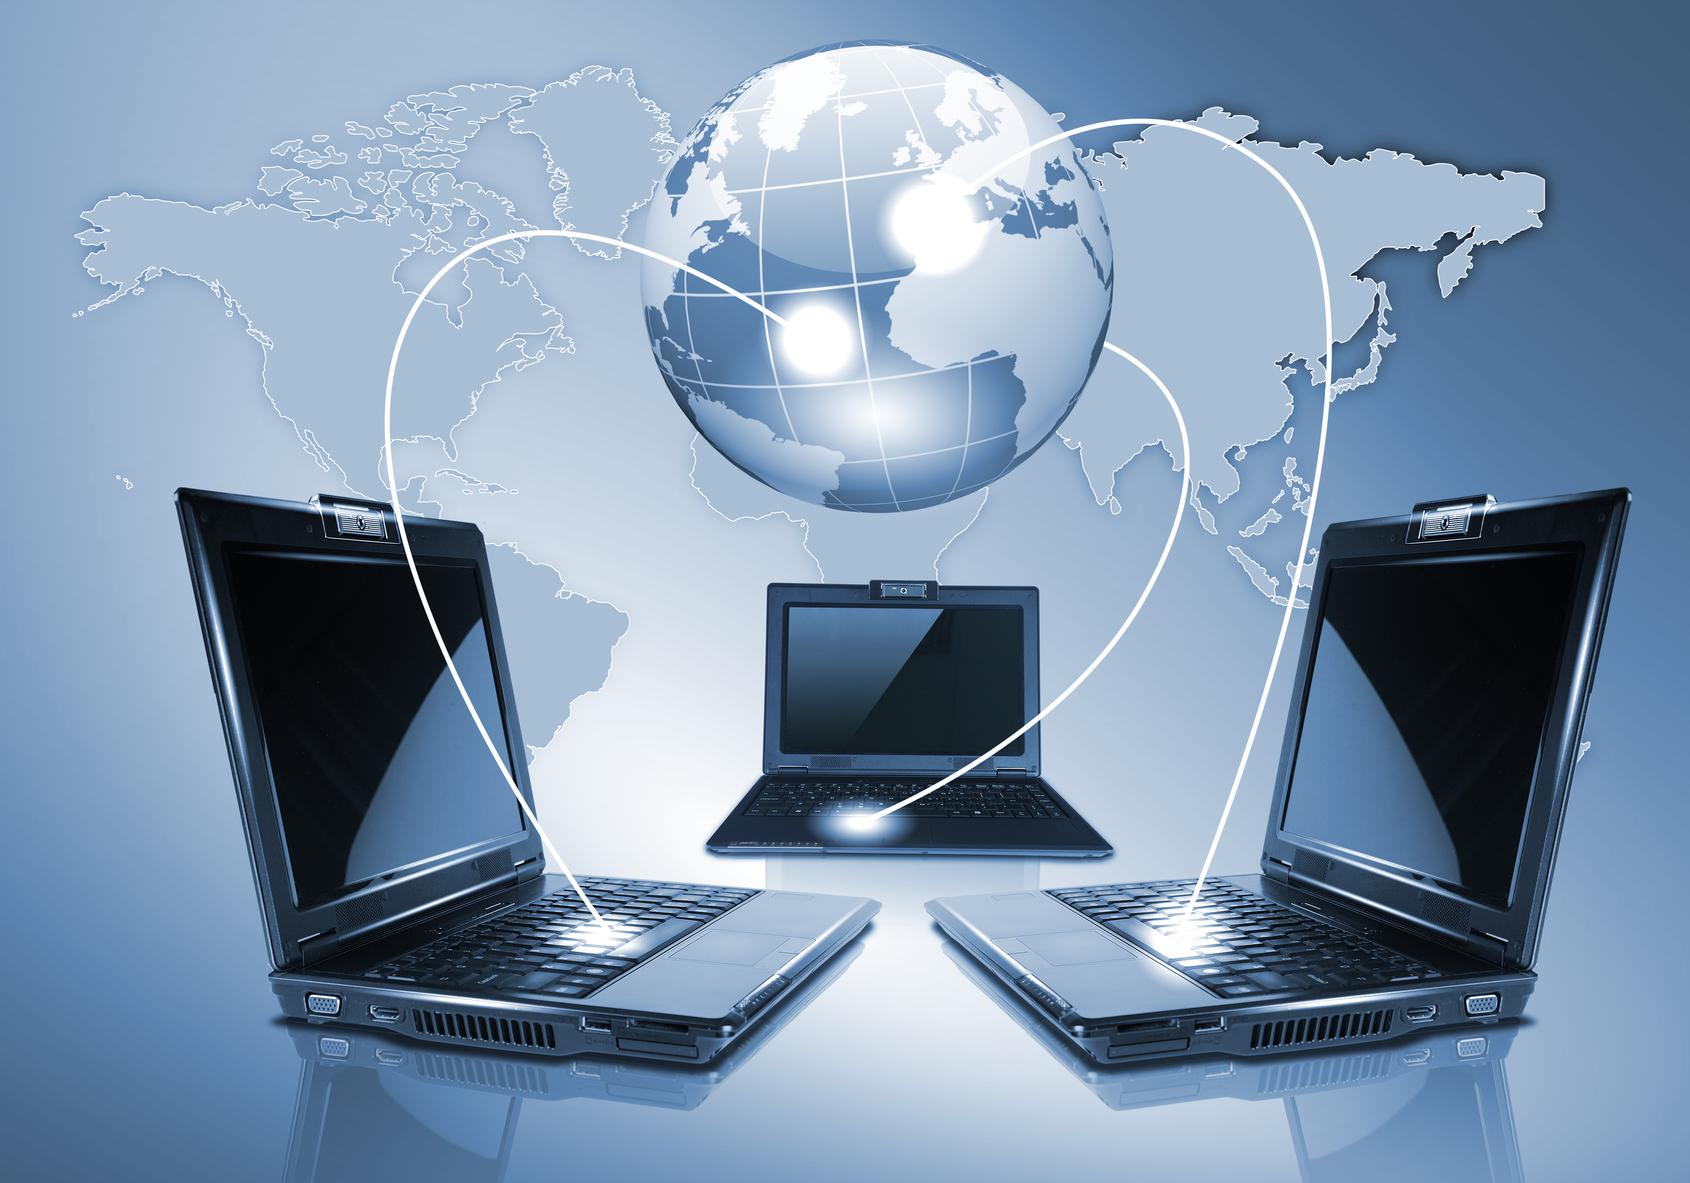 Топ бесплатных программ для удаленного доступа к компьютеру